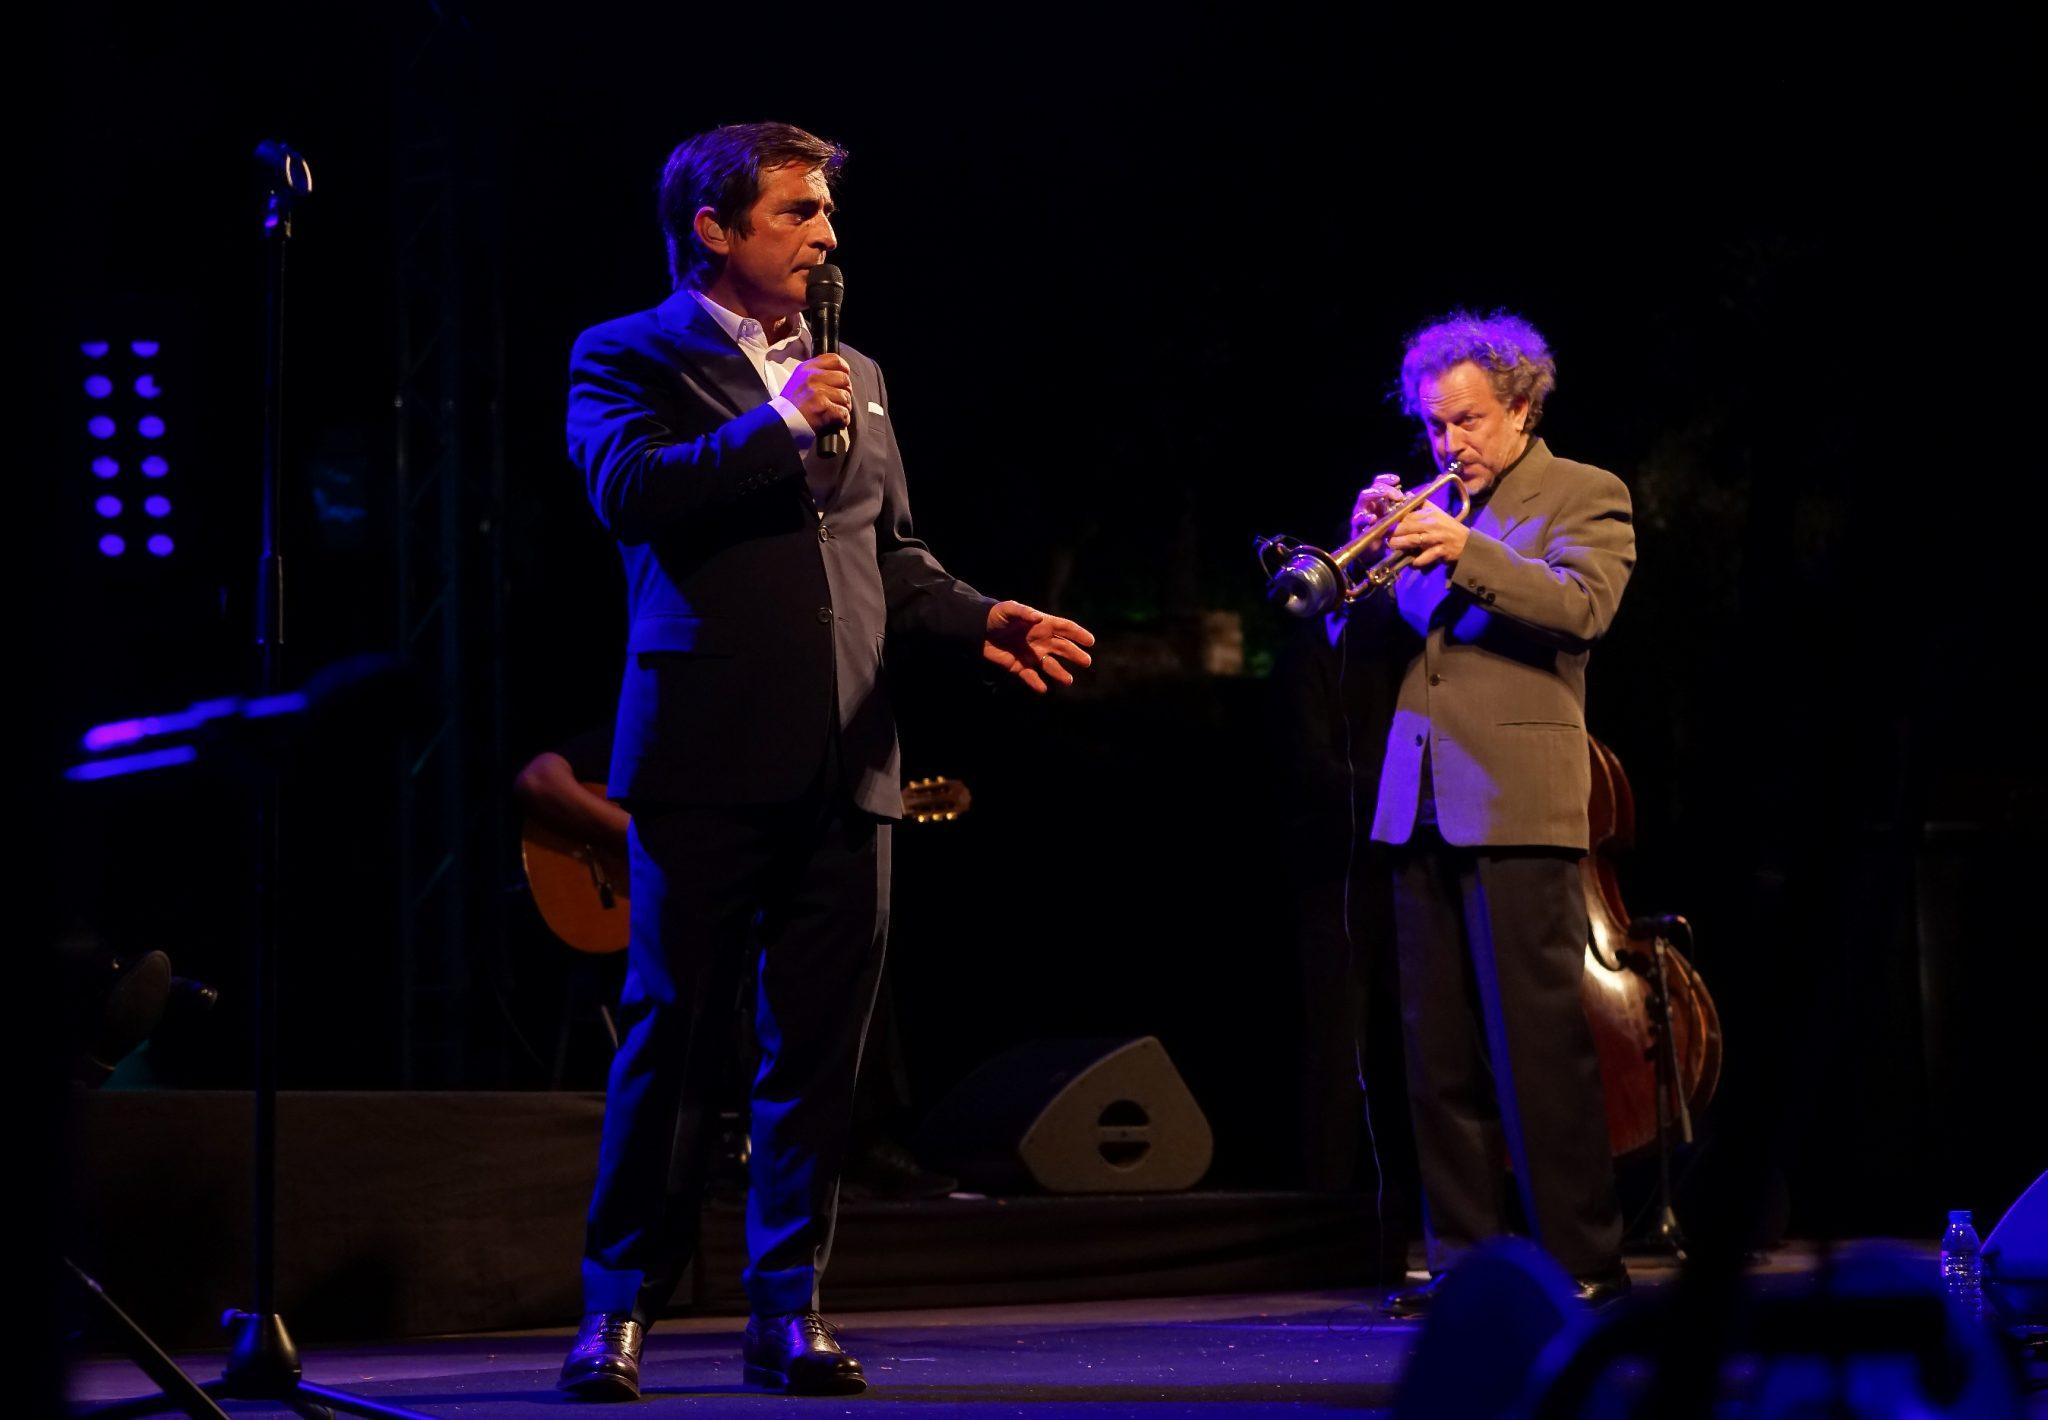 Camané, em primeiro plano de microfone na mão, e o trompetista Laurent Filipe atrás à direita